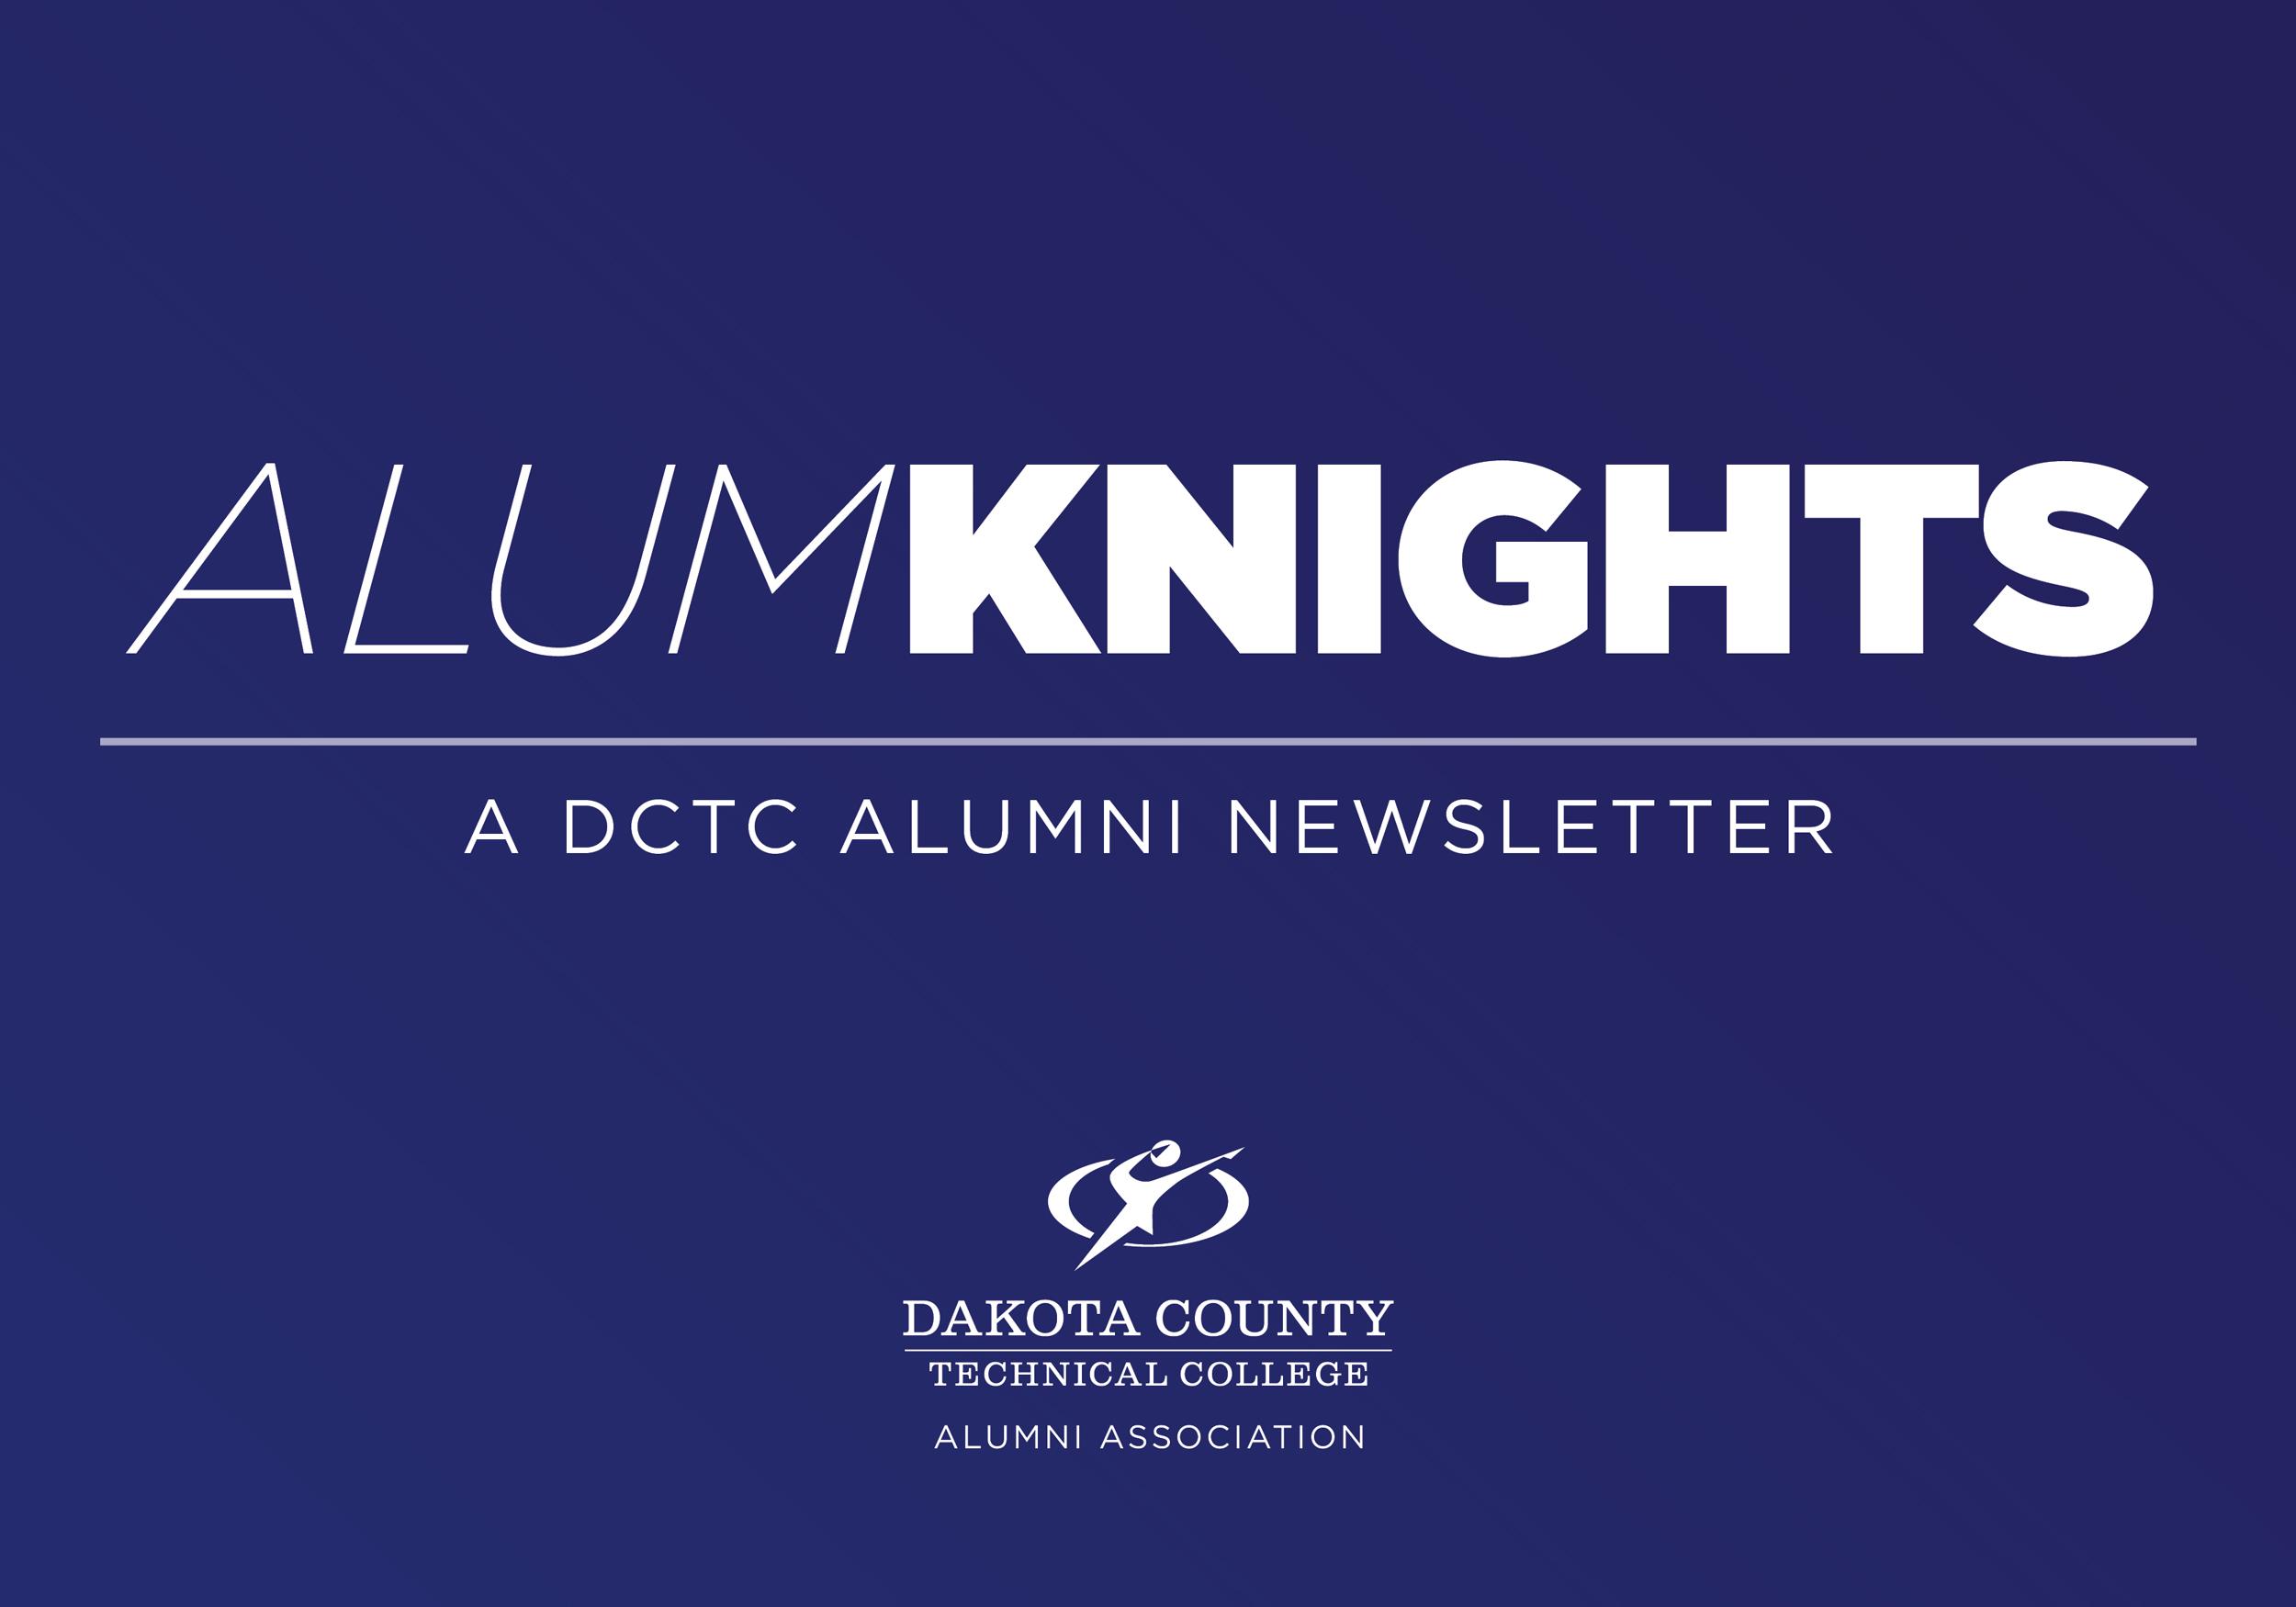 alum-knights